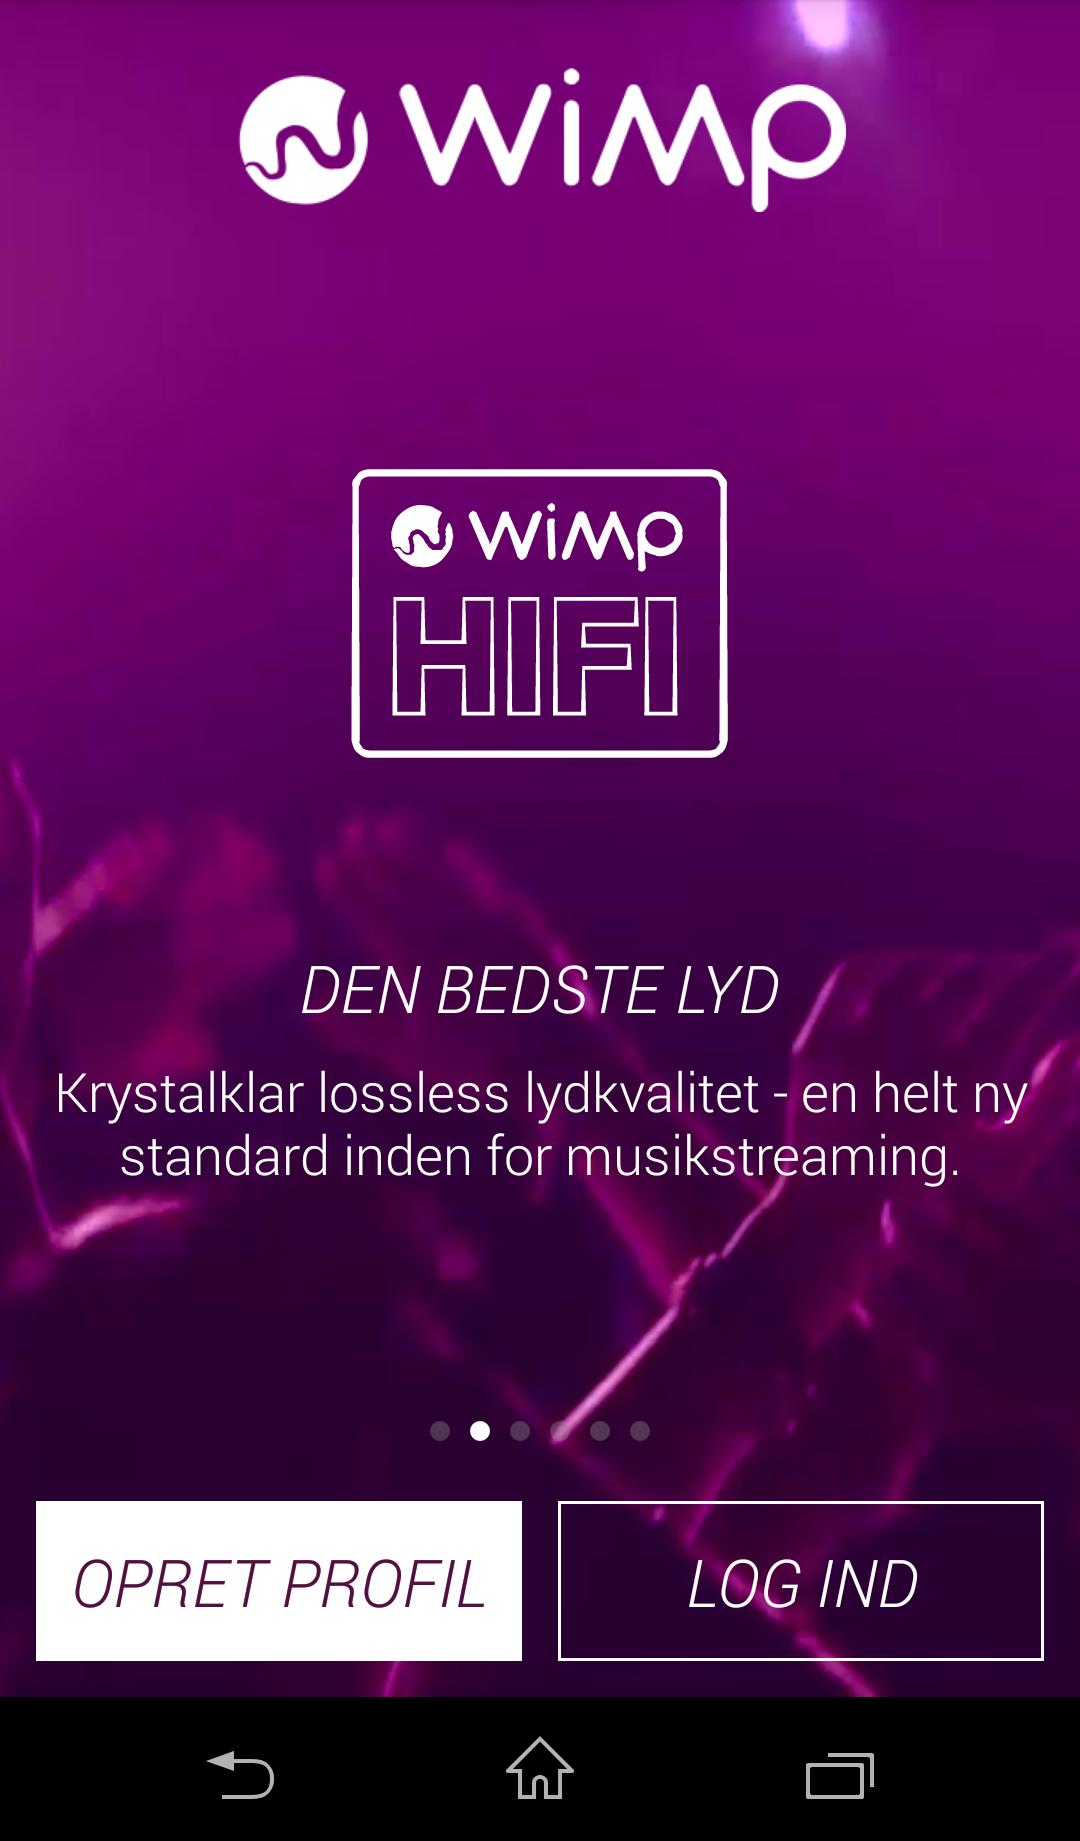 WiMP opdatering til Android-brugere.